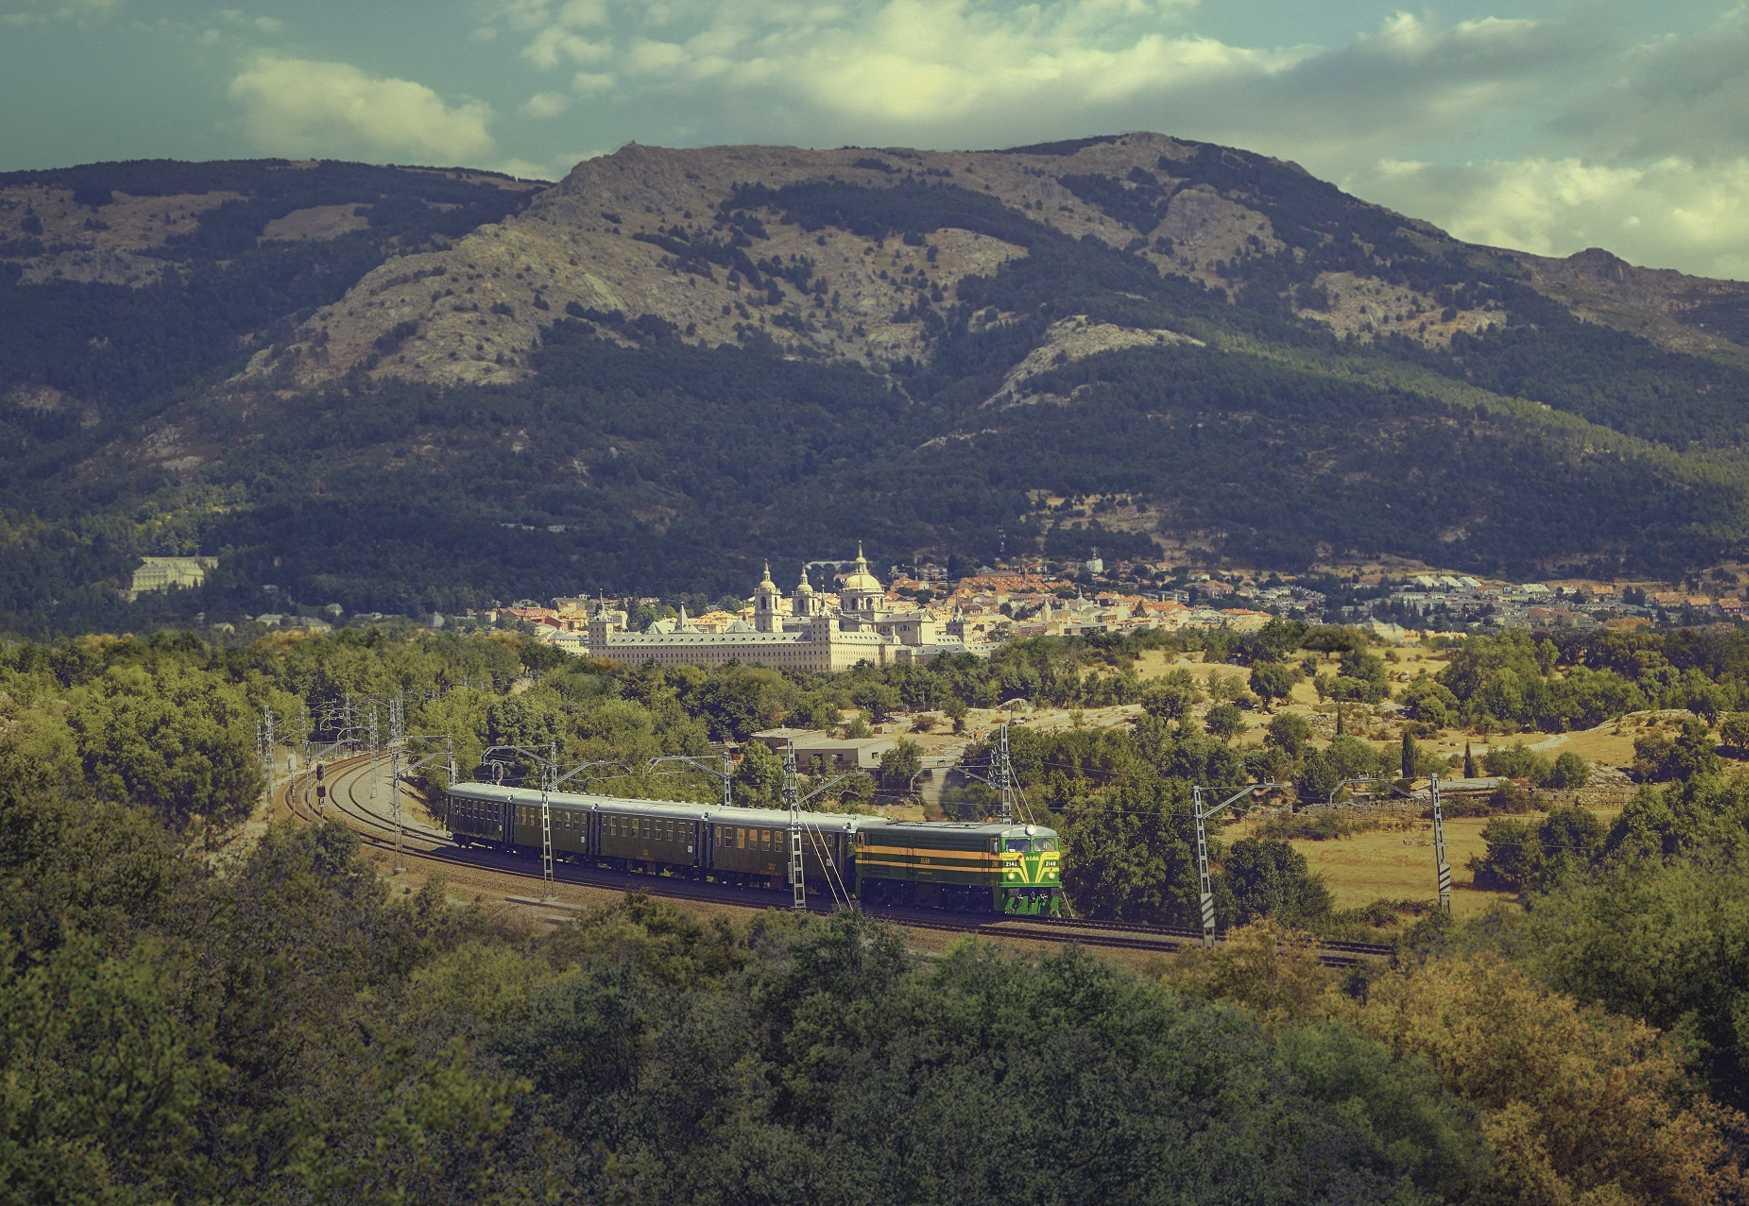 El Escorial Alsa Tren de Felipe II